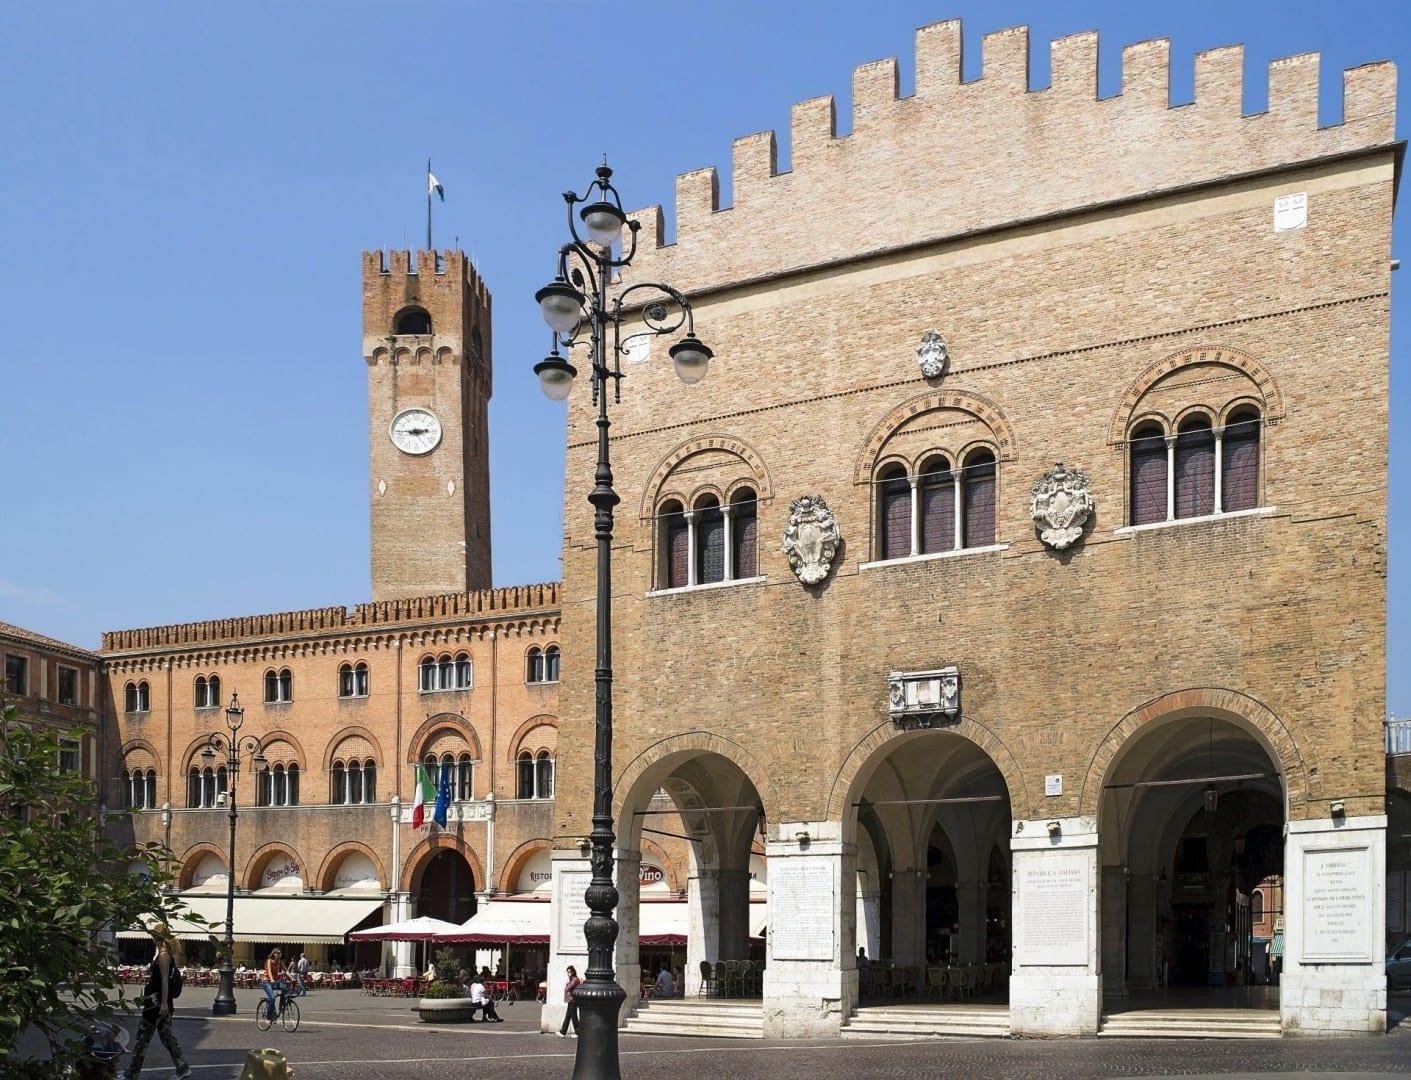 Piazza dei Signori y Palazzo dei Trecento Treviso Italia